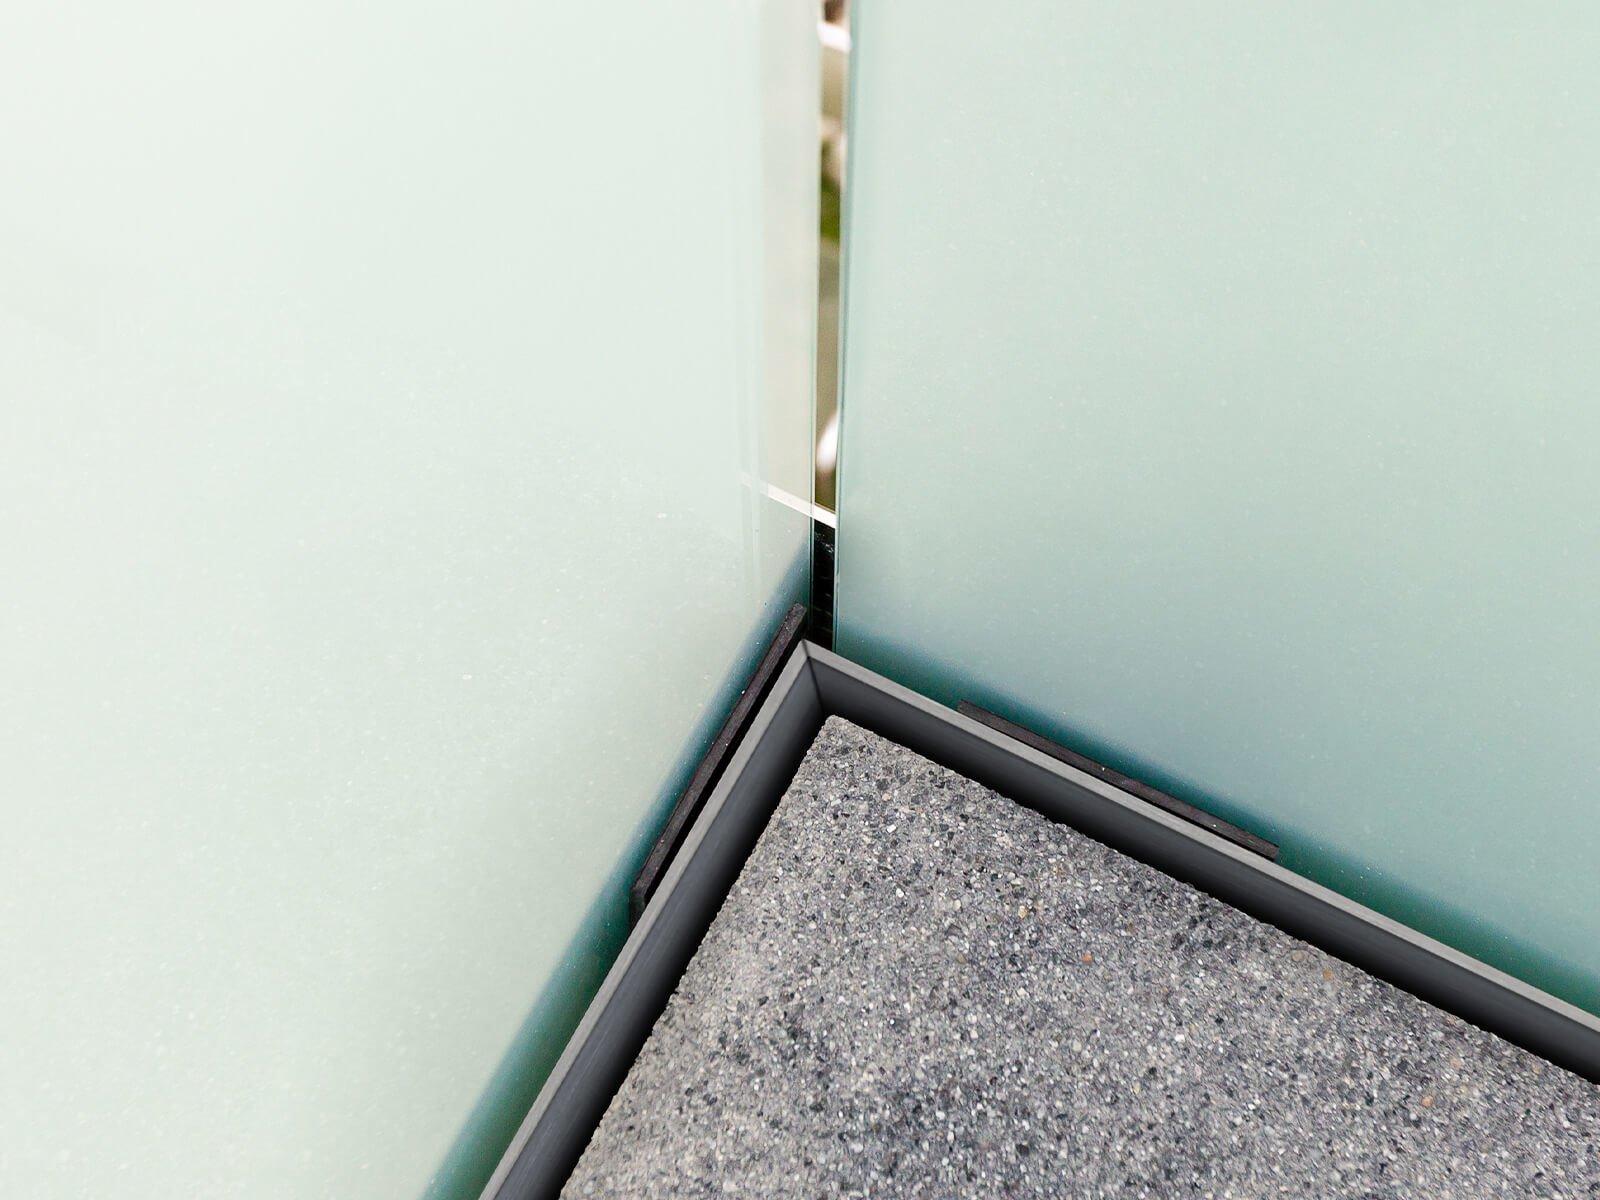 Brüstungsgeländer aus Glas für die stirnseitige Montage mit Befestigung im Flansch